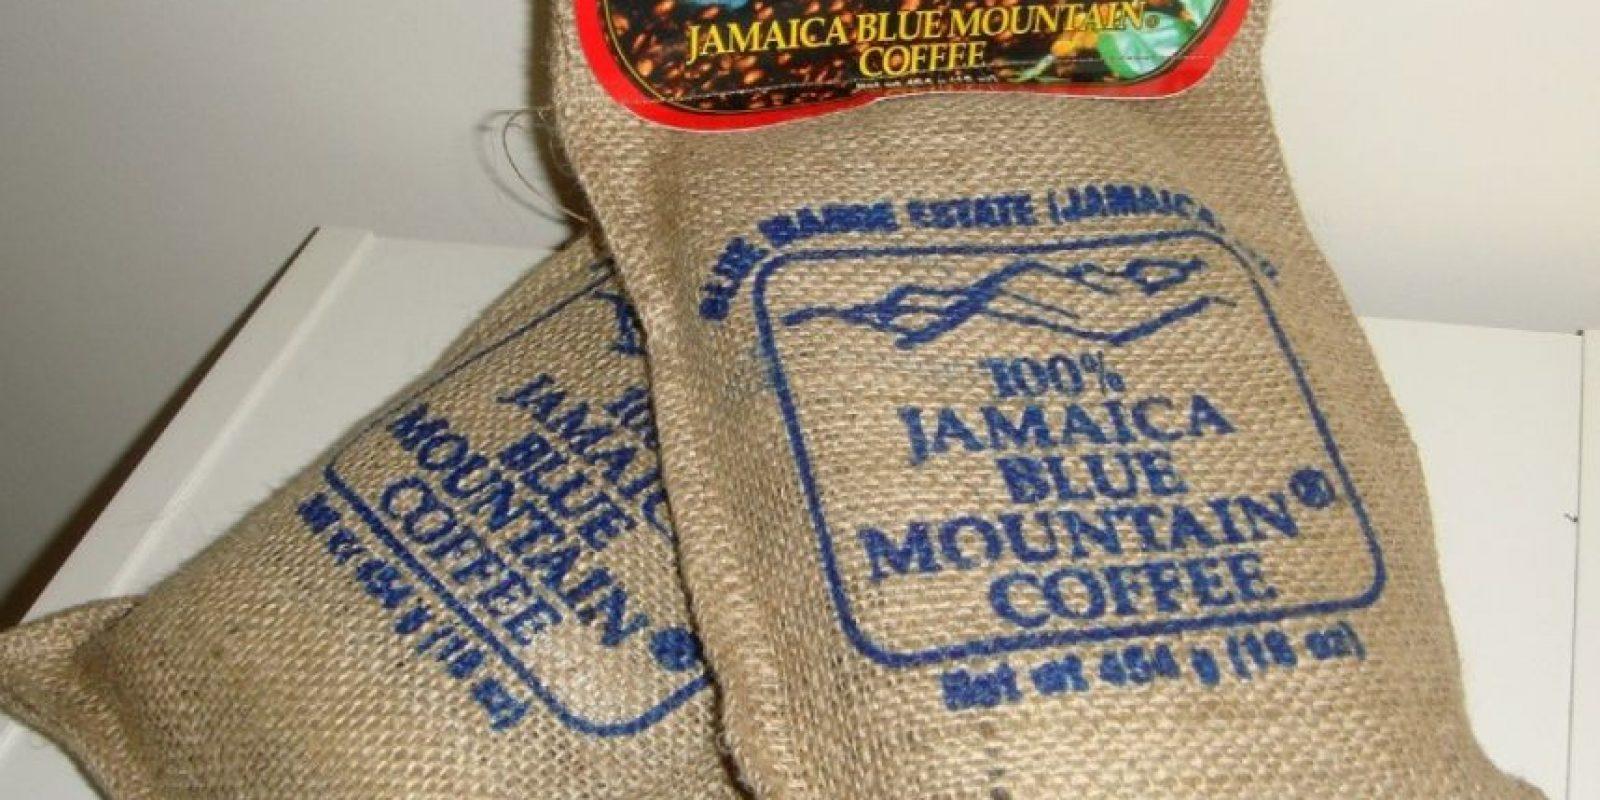 El café Blue Mountain de Jamaica es uno de los más suaves del mundo y uno de los de mejor reputación. Foto:vía Jamaica Blue Mountain